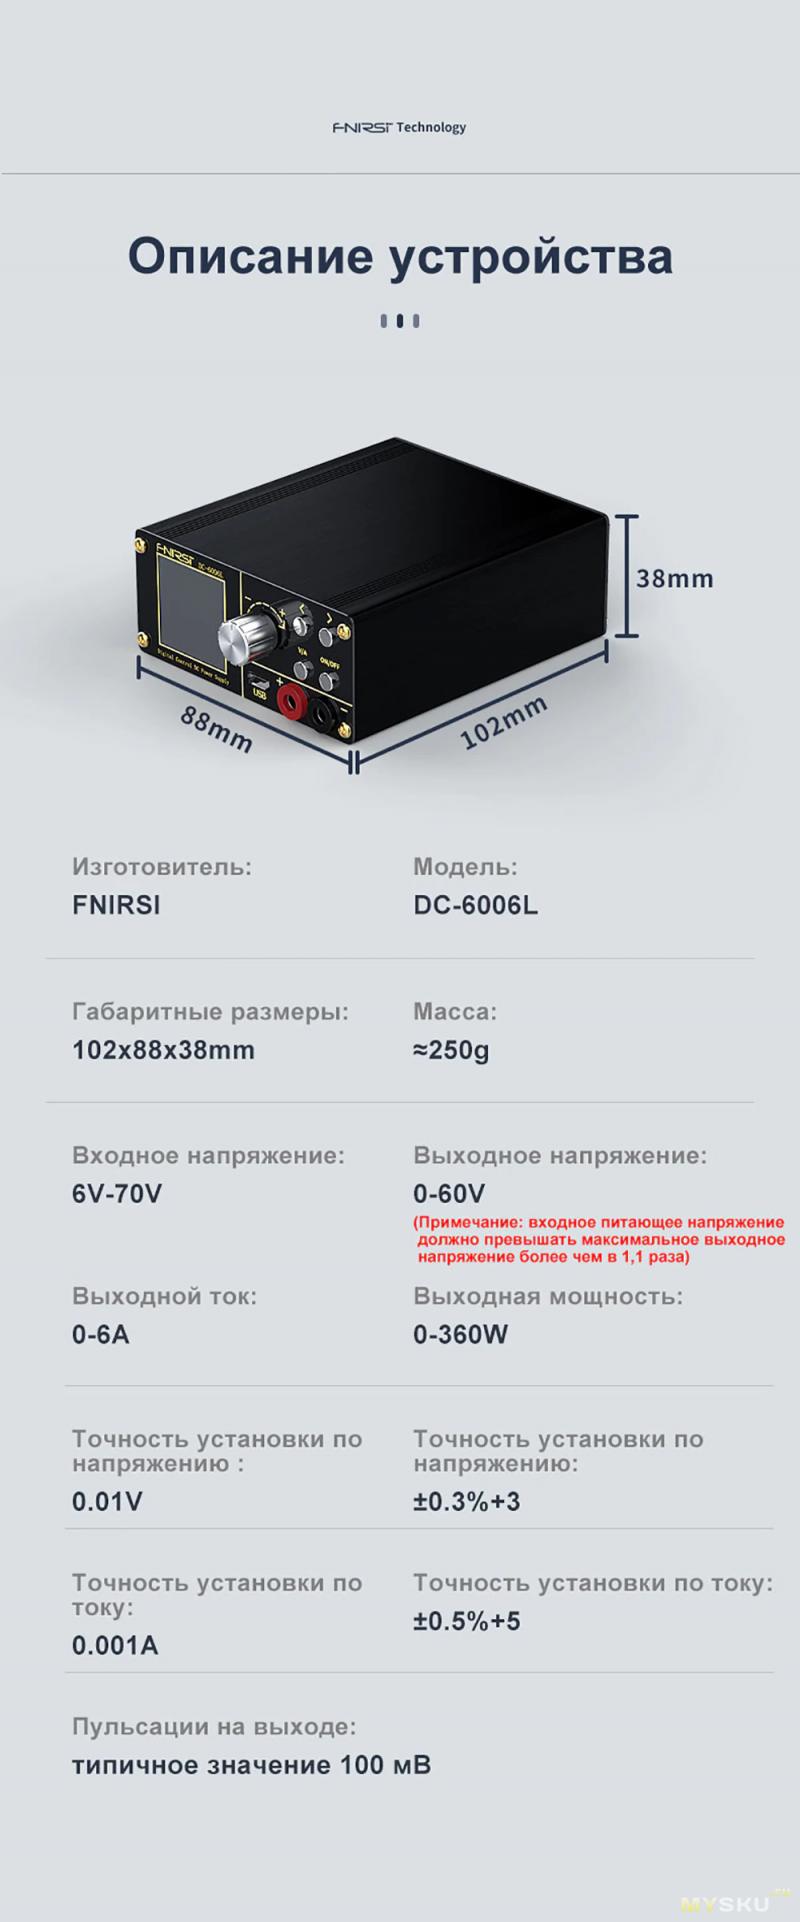 Мини - лабораторный источник питания (преобразователь напряжения) FNIRSI DC-6006L за 31.67$